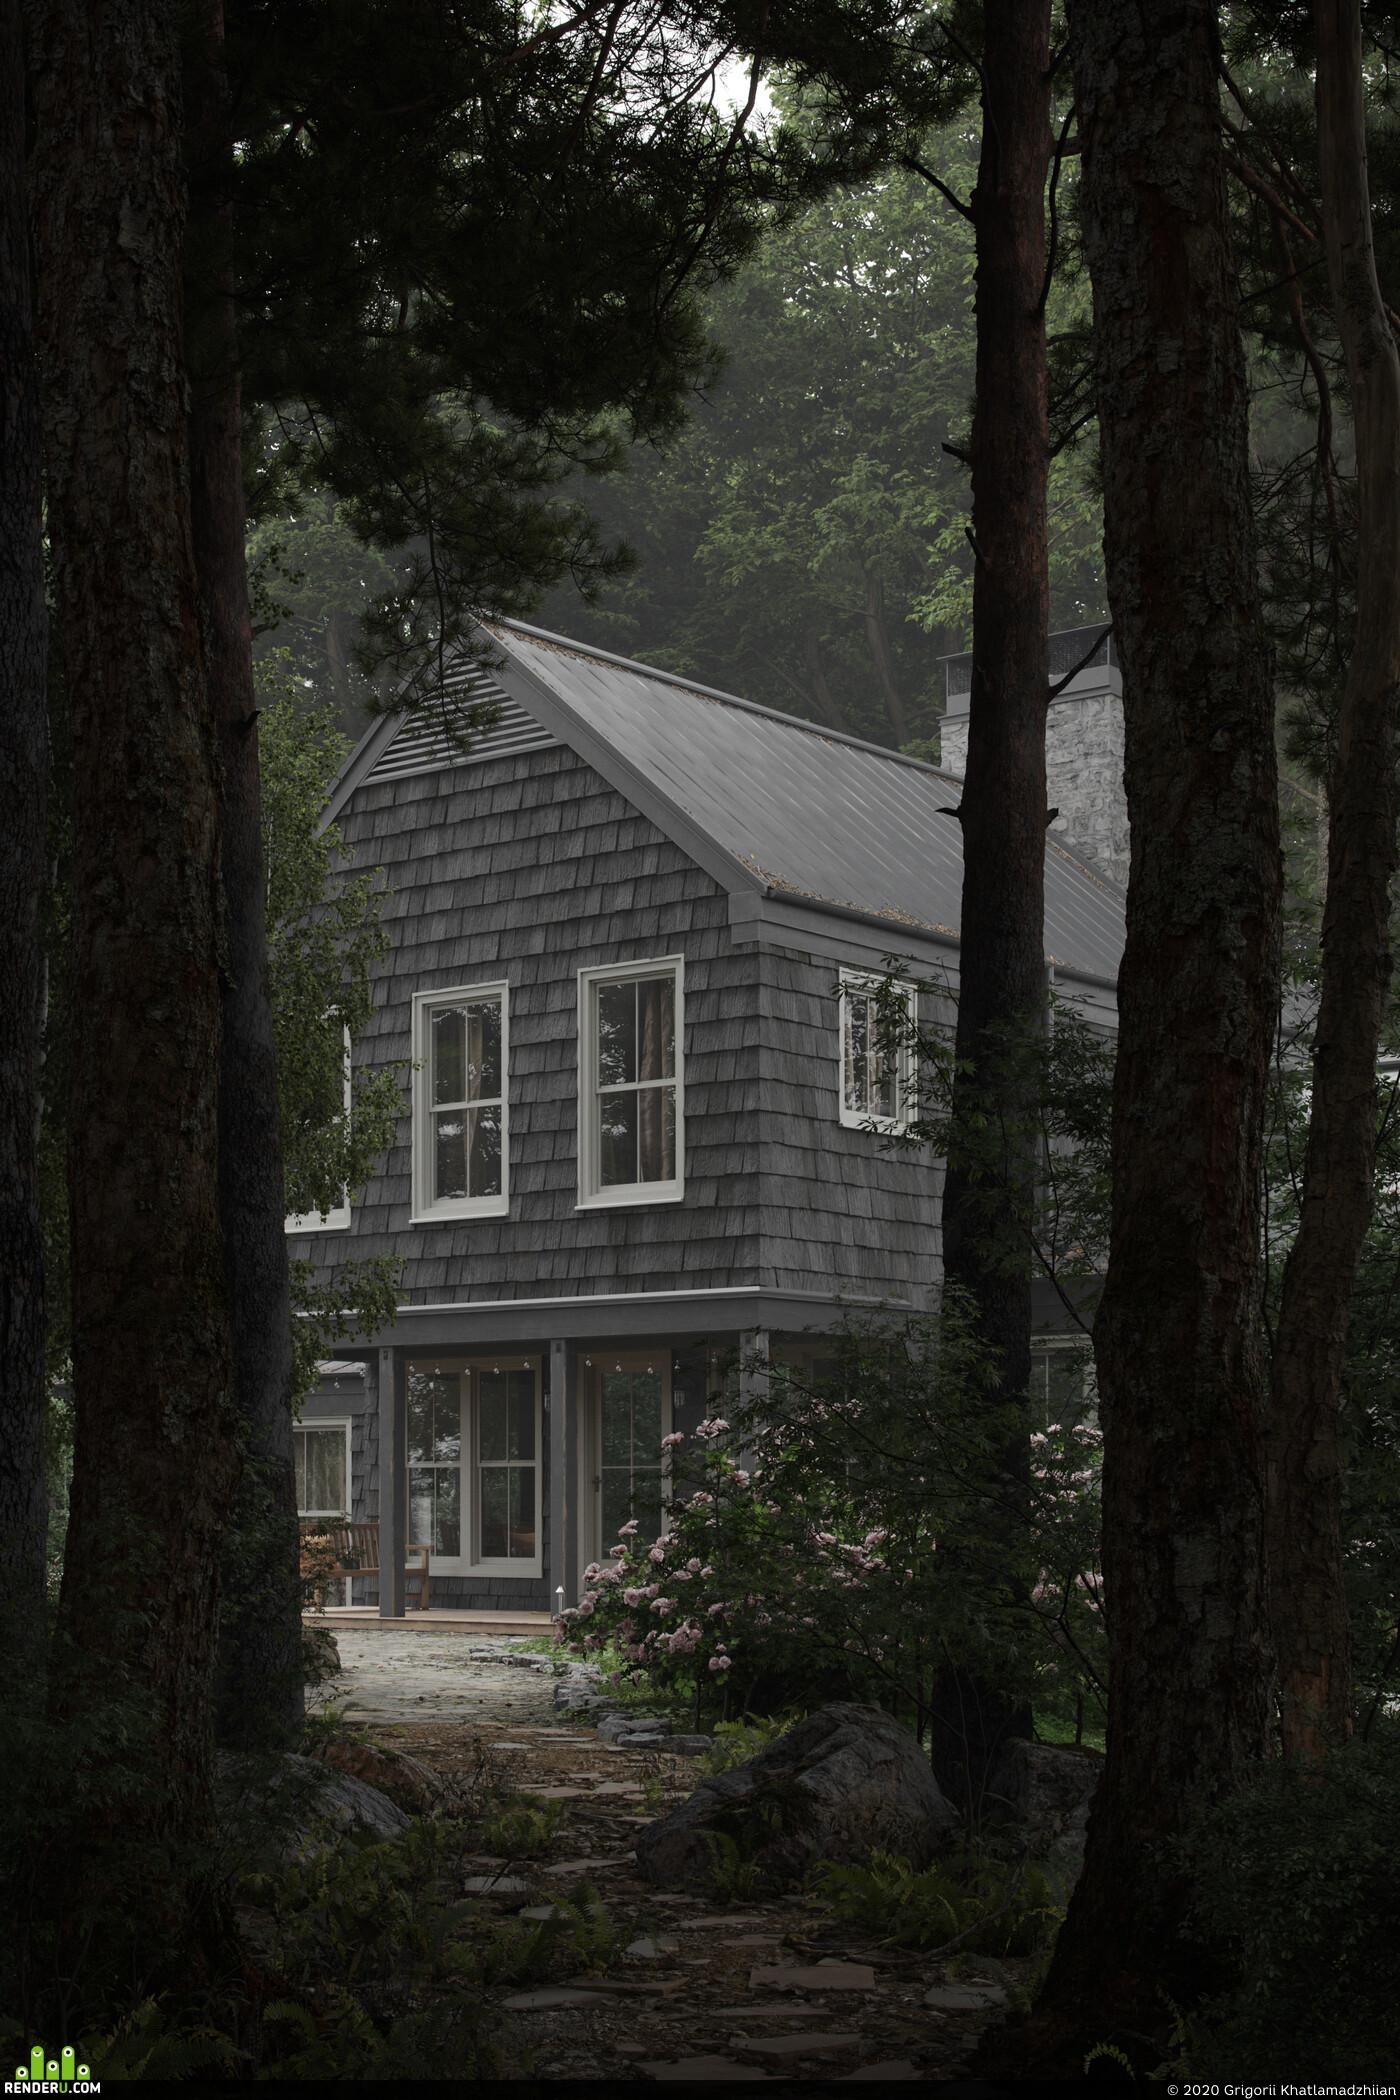 Exterior architecture, forest pack, quixel megascans, Marvelous designer, Компьютерная графика/CG, Cottage, Corona Renderer